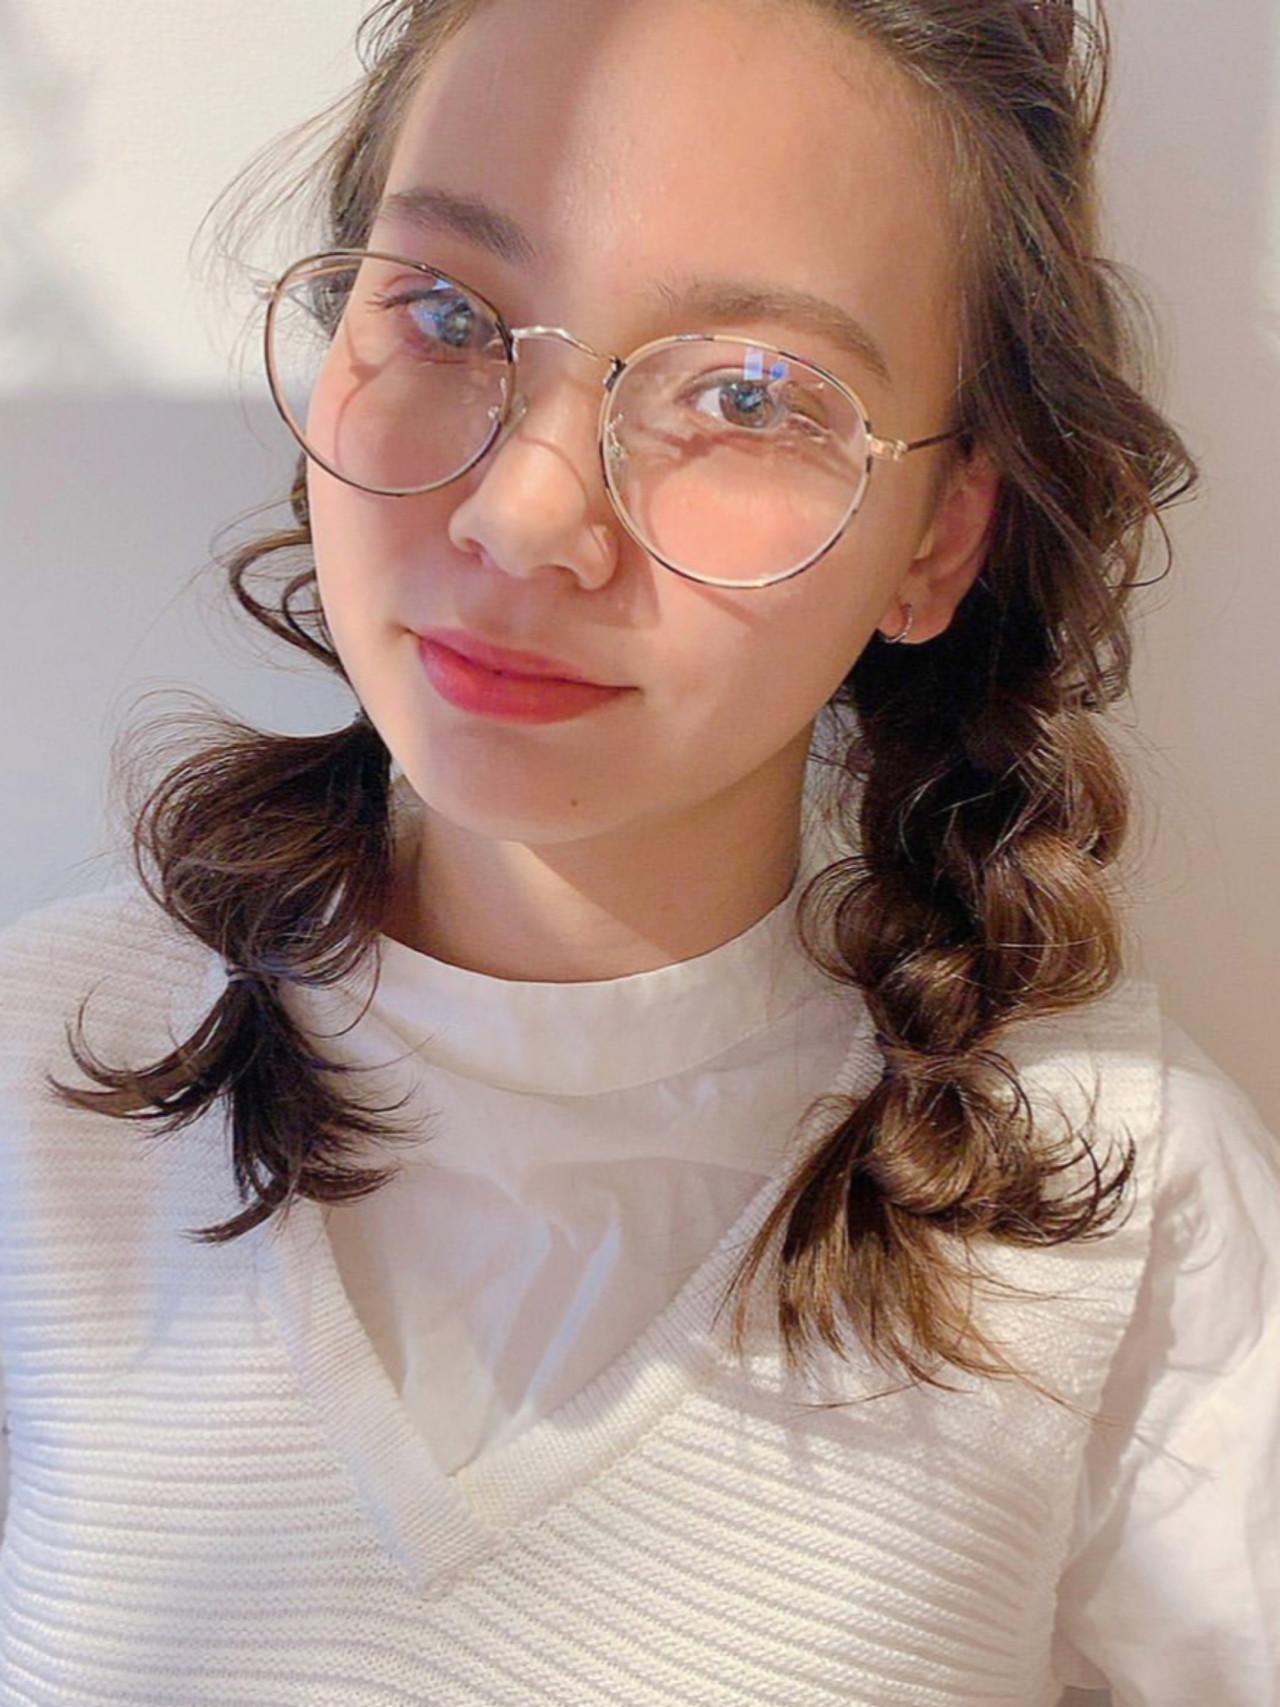 ヘアアレンジ ミルクティーベージュ アンニュイほつれヘア 前髪アレンジ ヘアスタイルや髪型の写真・画像